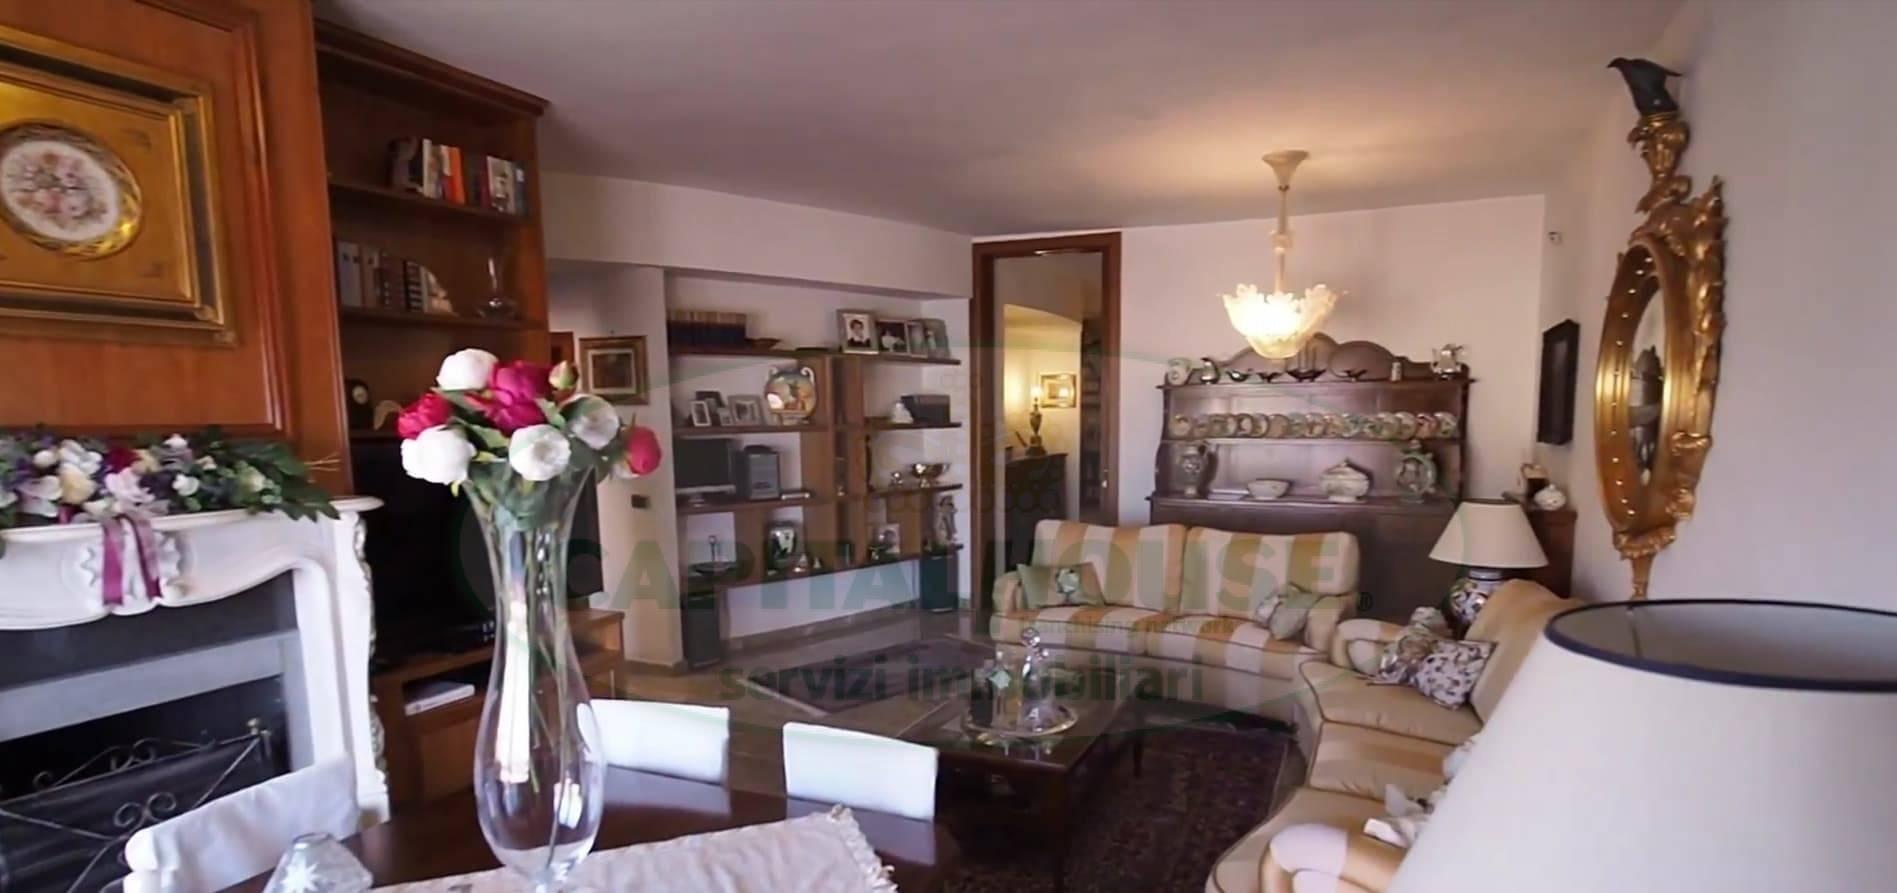 Appartamento in vendita a Pomigliano d'Arco, 7 locali, prezzo € 630.000 | PortaleAgenzieImmobiliari.it